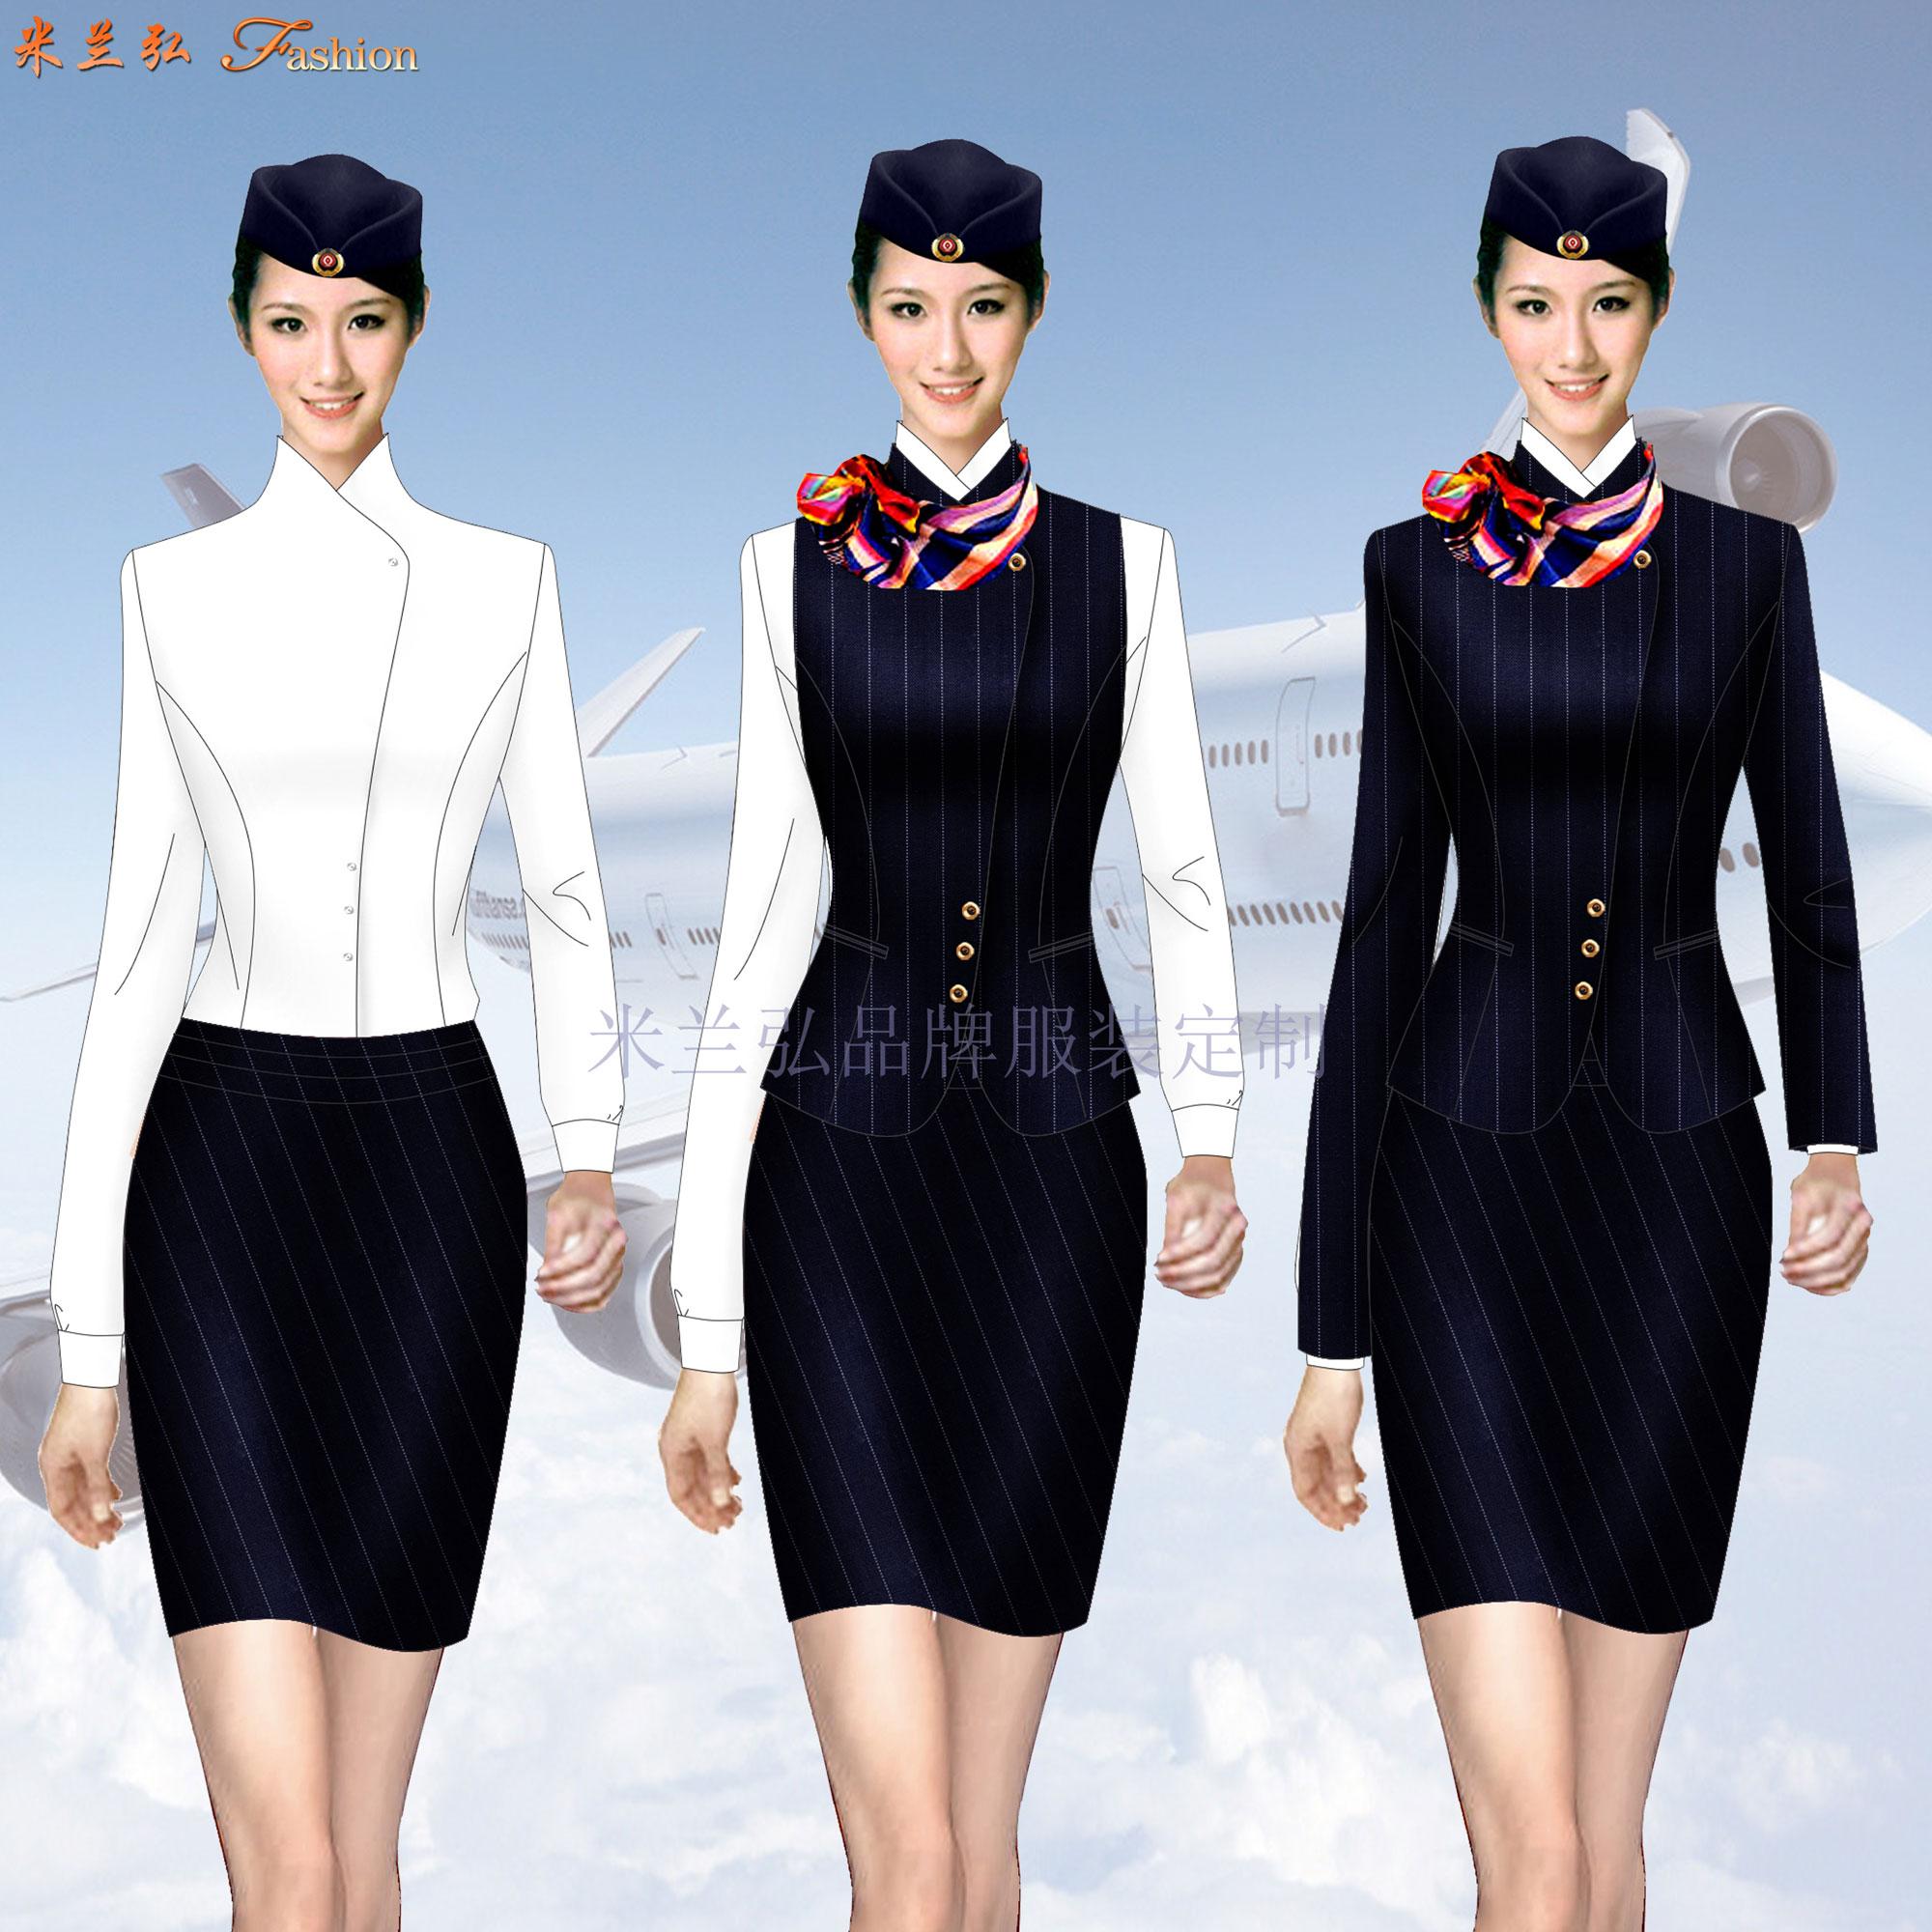 「空姐服」北京量體定制潮流空姐服的誠信公司-米蘭弘服裝